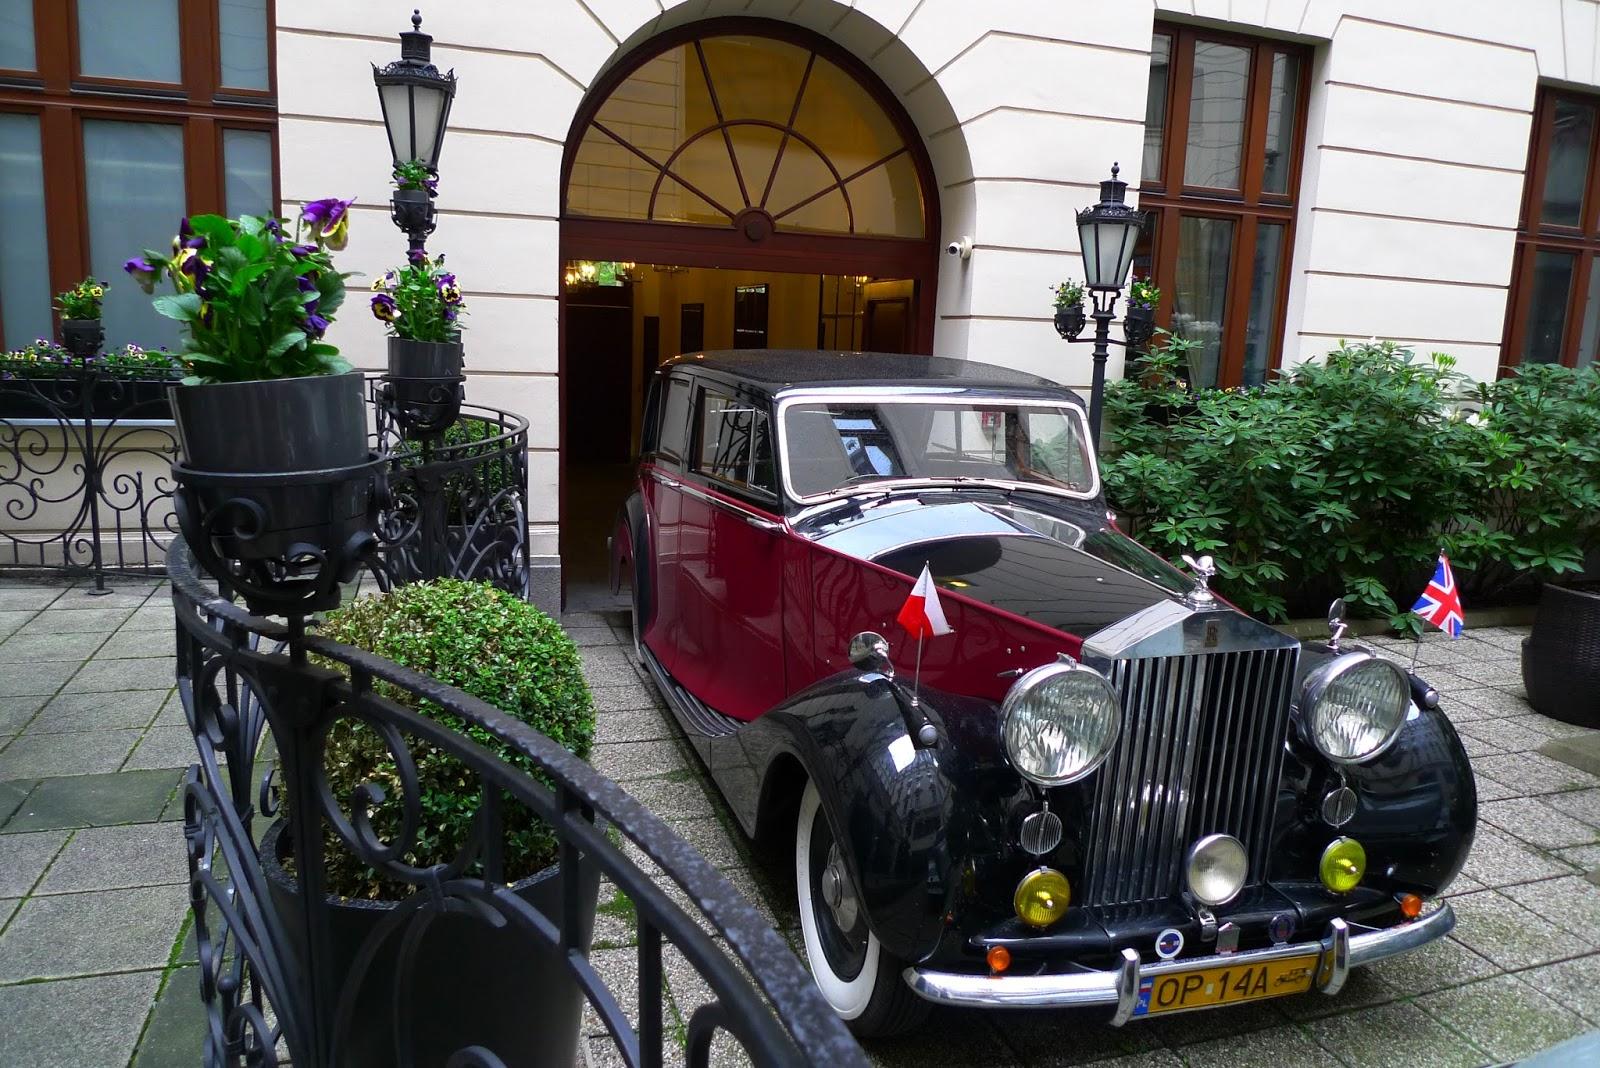 Casual Car Club Ccc Warsaw Poland 4th May 2017 Bristol Hotel